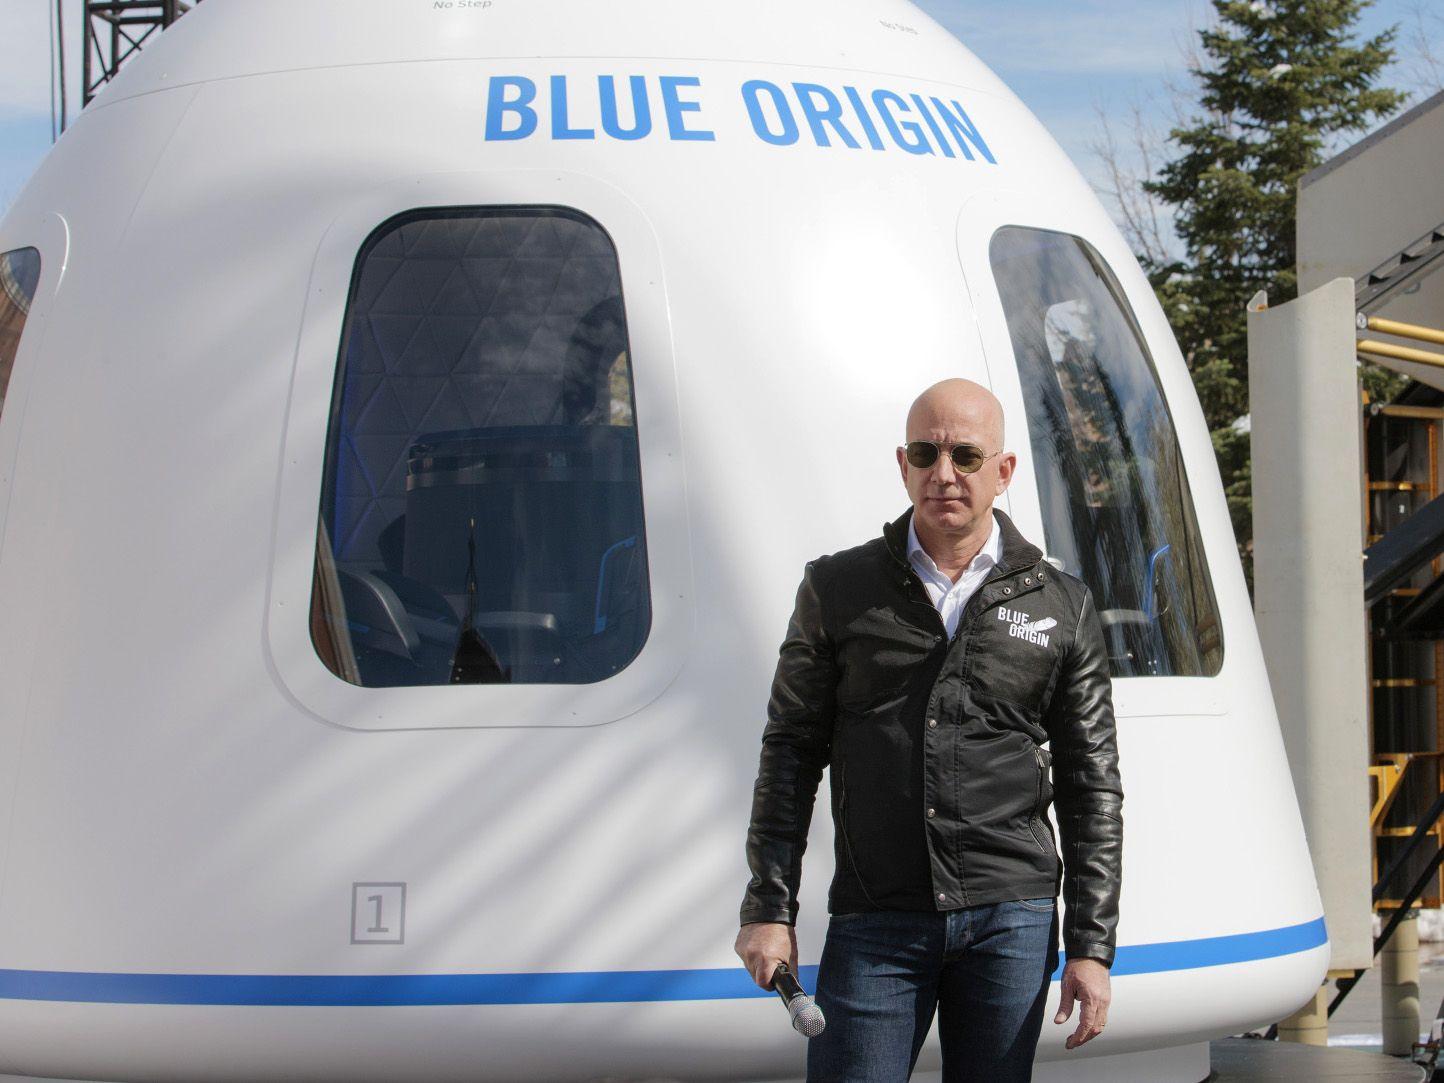 जेफ बेजोस 20 जुलाई को वेस्ट टेक्सास से पूरी तरह से स्वचालित कैप्सूल में साथी यात्री भाई मार्क बेजोस, 82 वर्षीय महिला एविएटर वैली फंक और एक अन्य यात्री के साथ उड़ान भरेंगे।